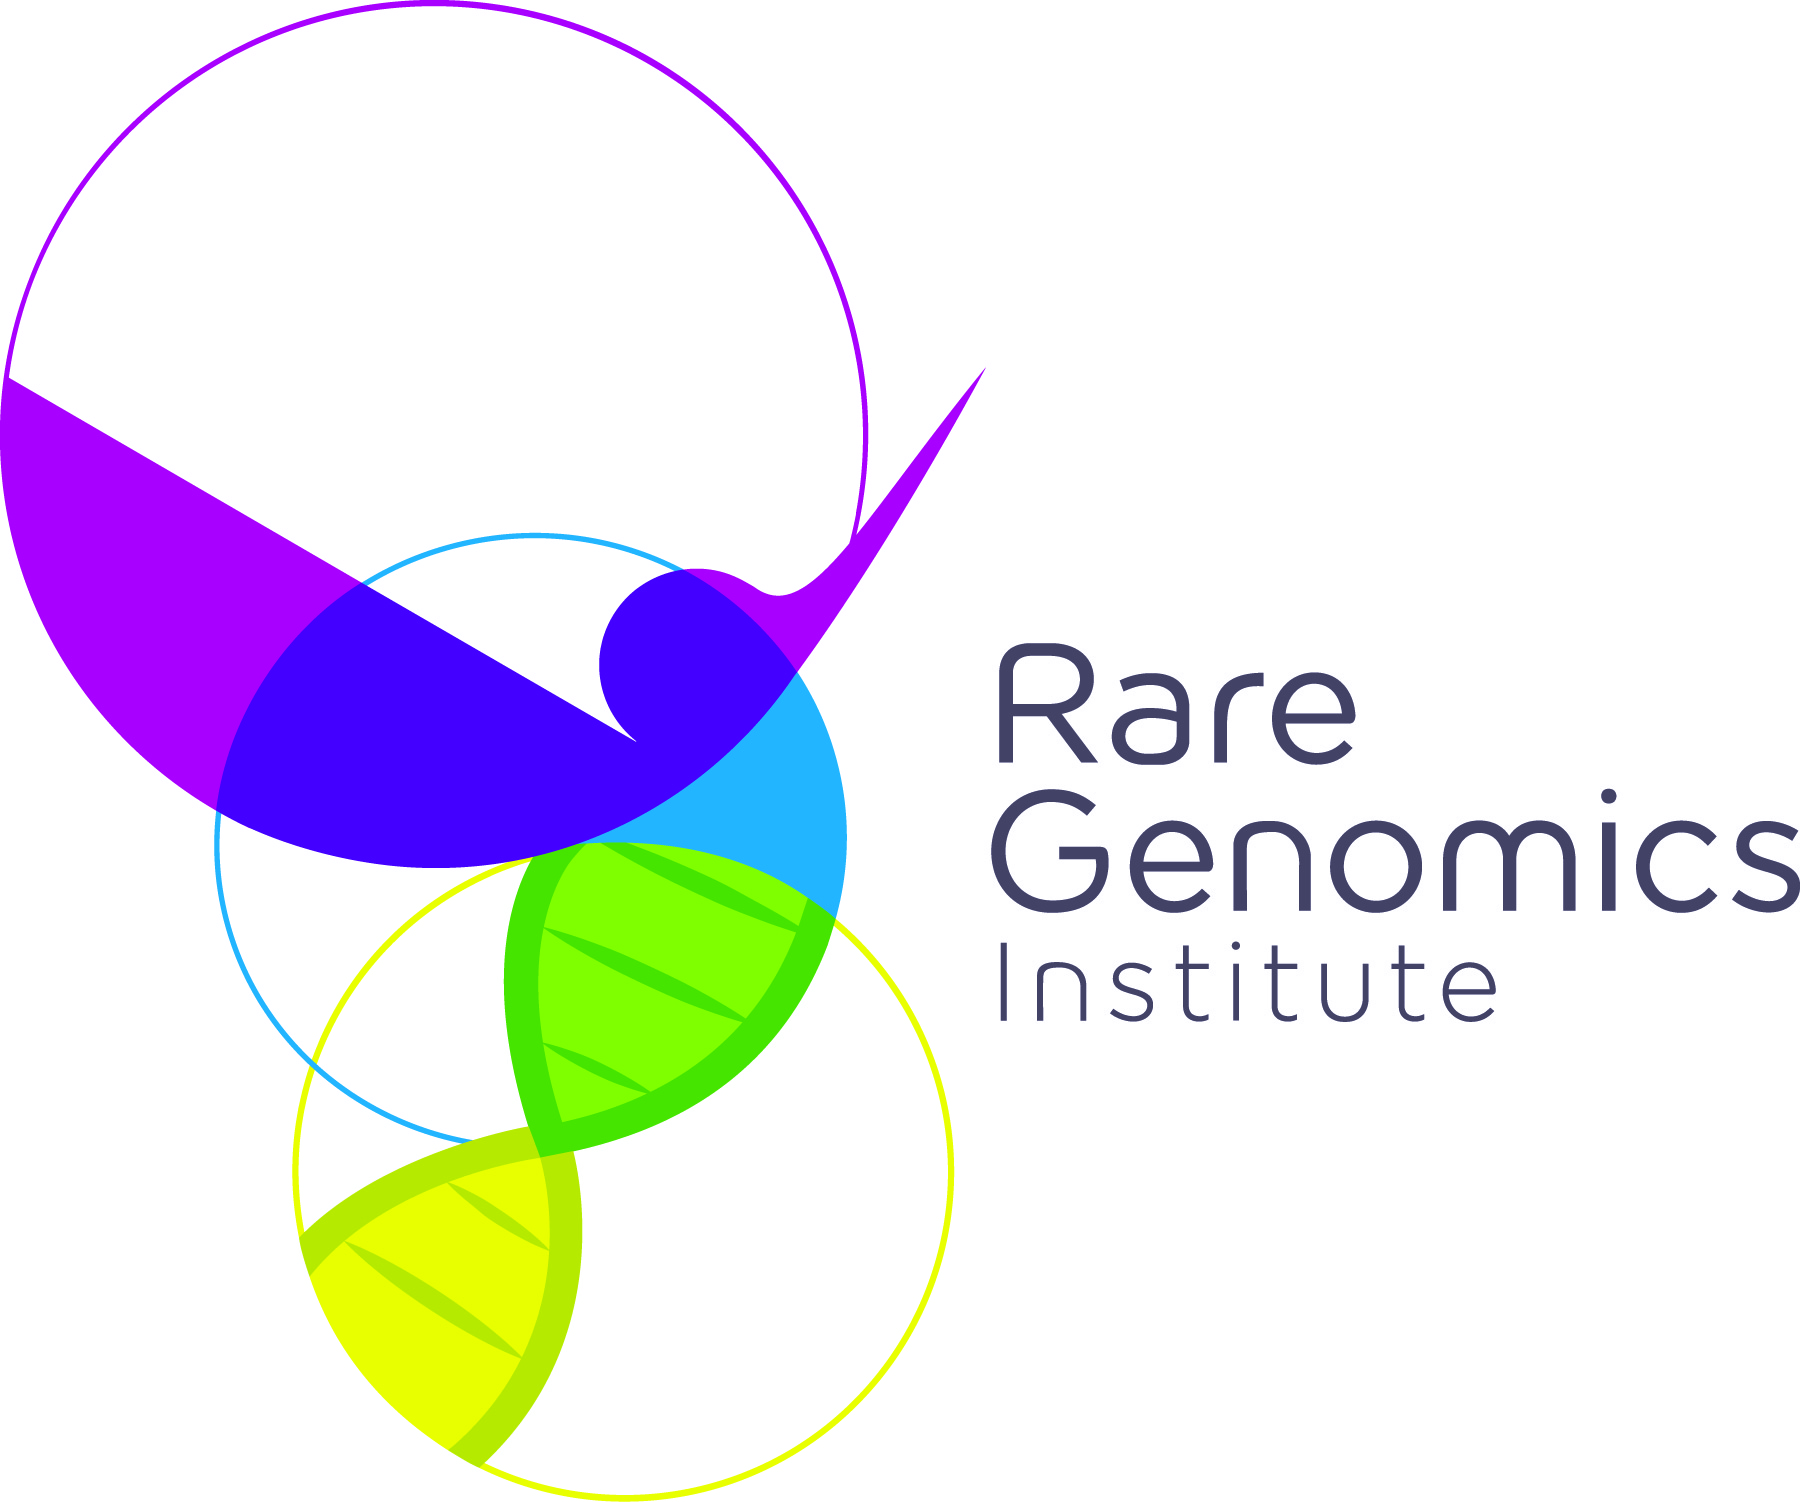 Rare-Genomics-Institute.jpg